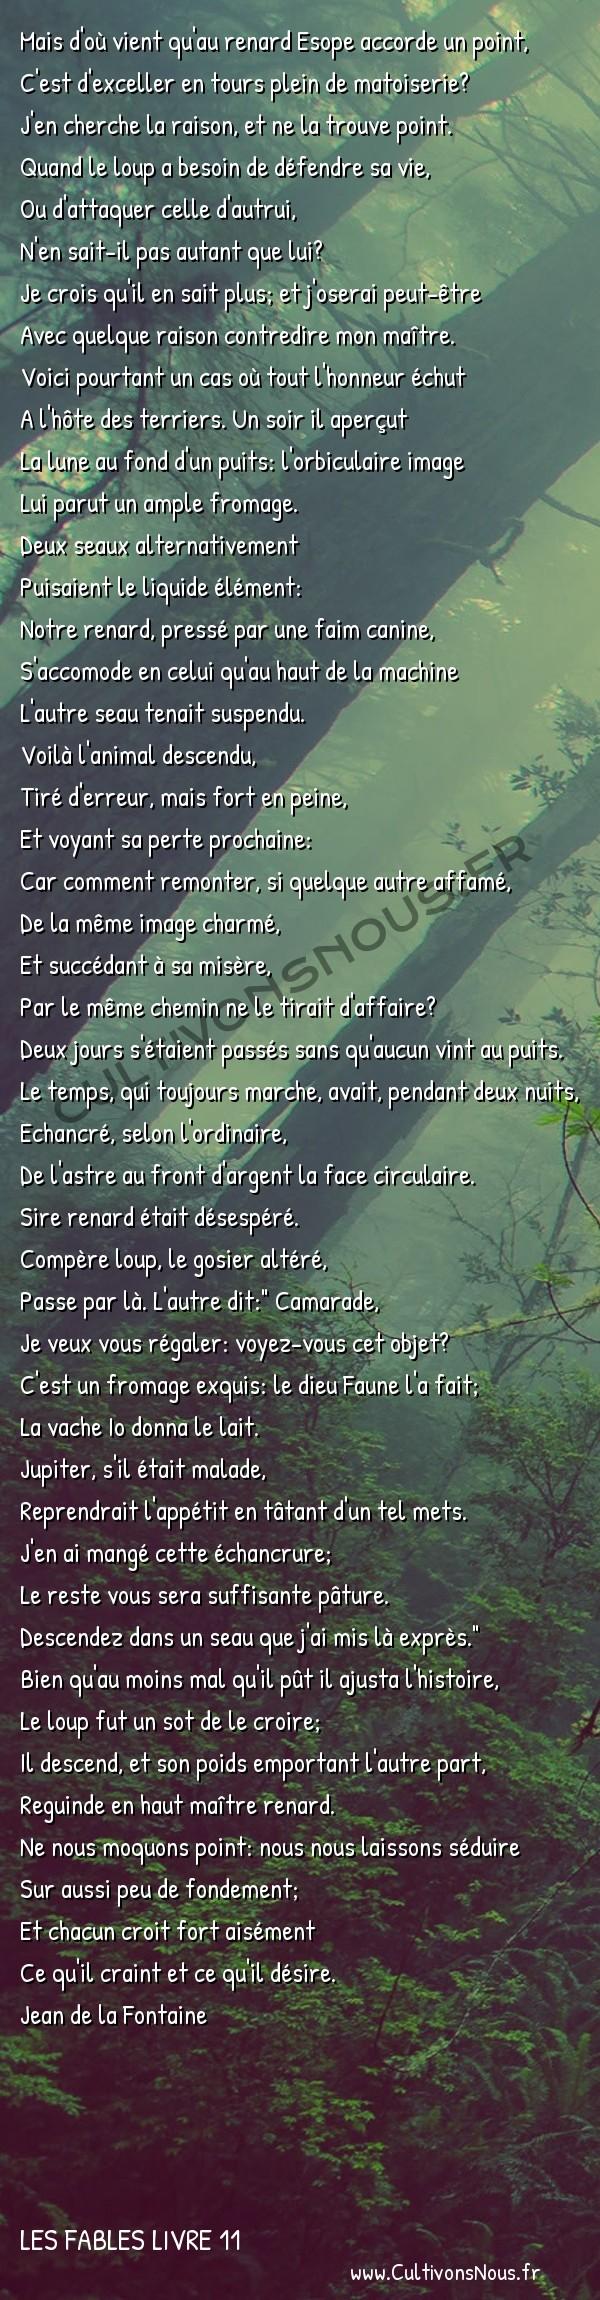 Fables Jean de la Fontaine - Les fables Livre 11 - Le Loup et le Renard -   Mais d'où vient qu'au renard Esope accorde un point, C'est d'exceller en tours plein de matoiserie?